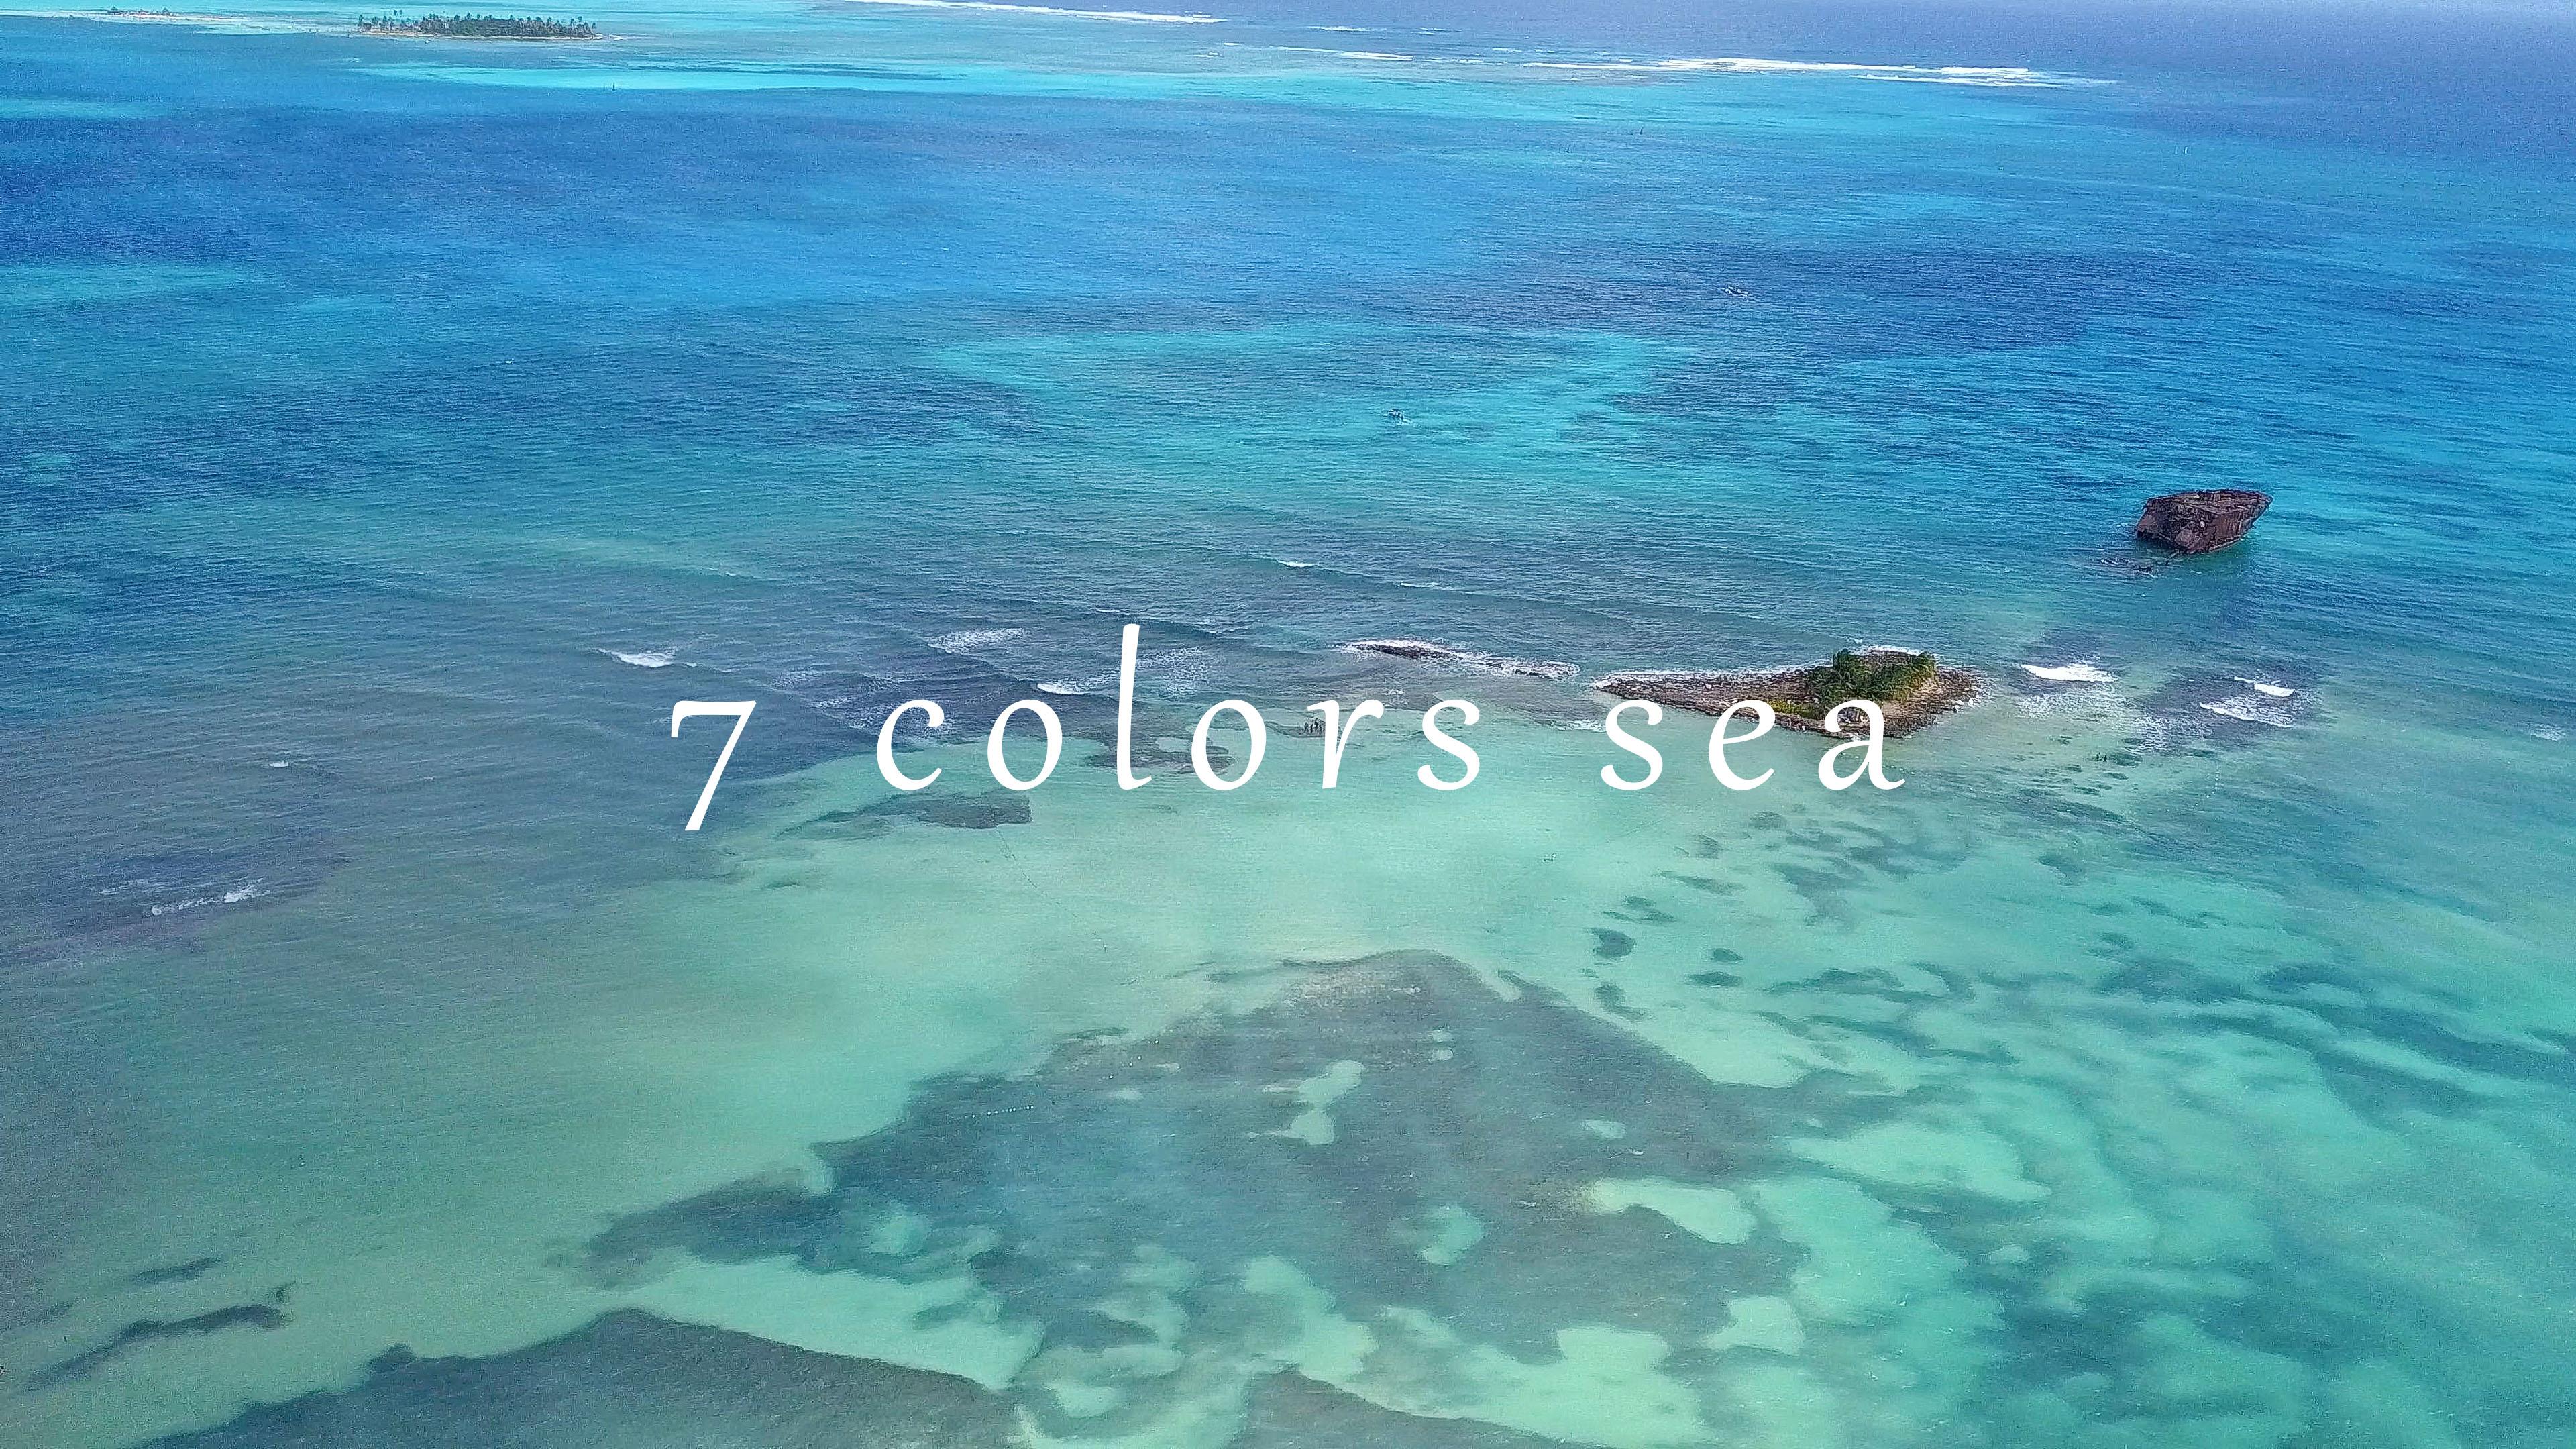 7色の海は本当だった!世界屈指の美しい海 サンアンドレス島 ~ コロンビア,カリブ海 ~【ドローン絶景映像有り】